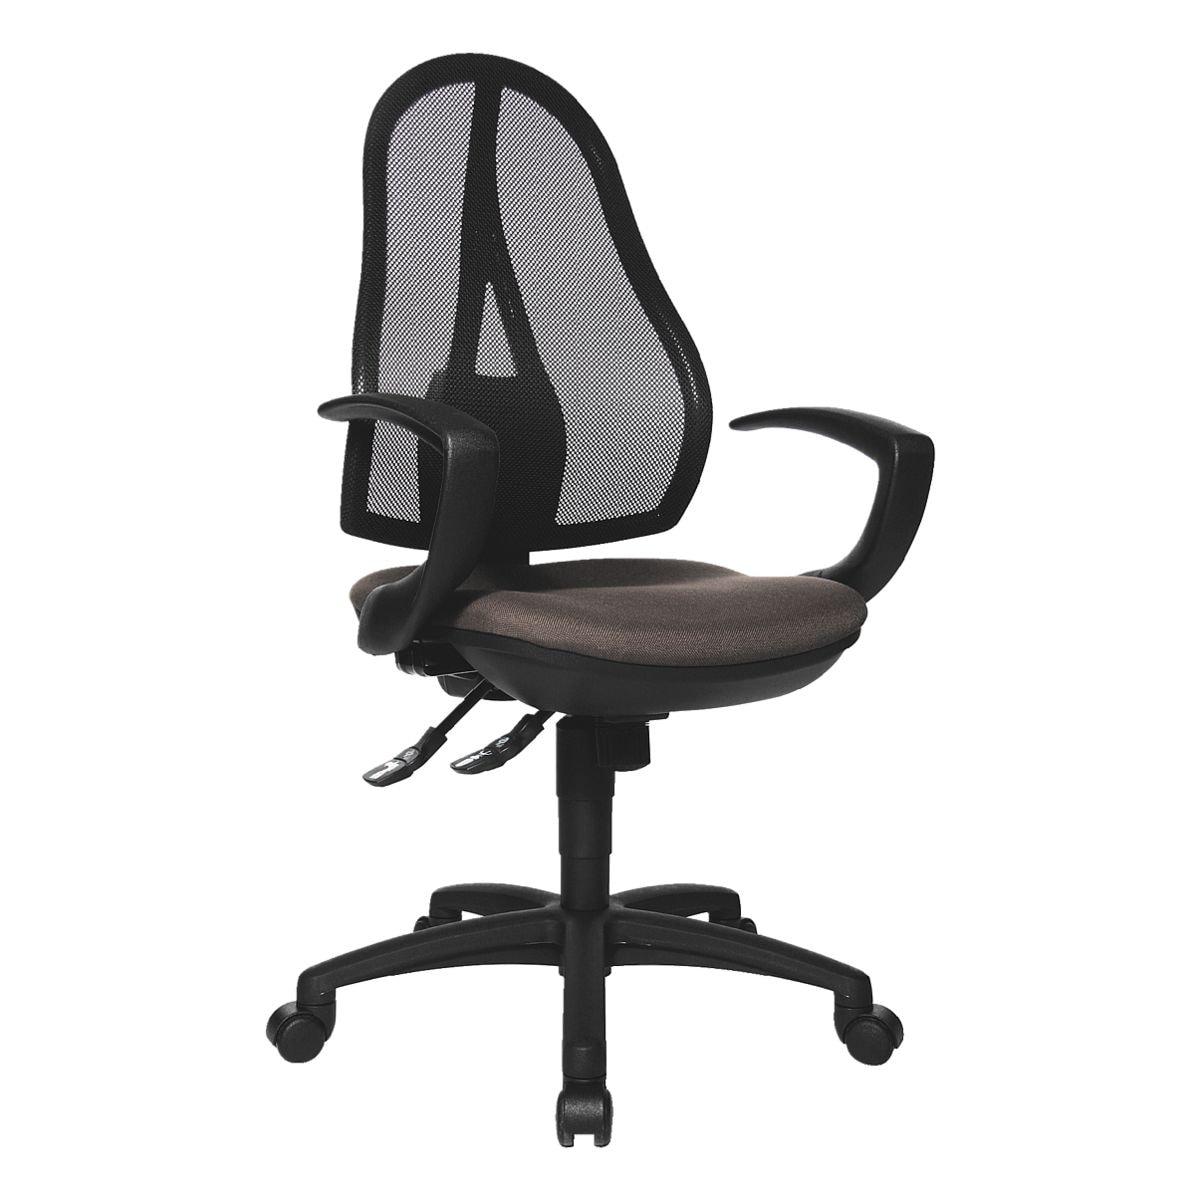 Bürostuhl Topstar »Open Point SY« ohne Armlehnen, Fußkreuz schwarz